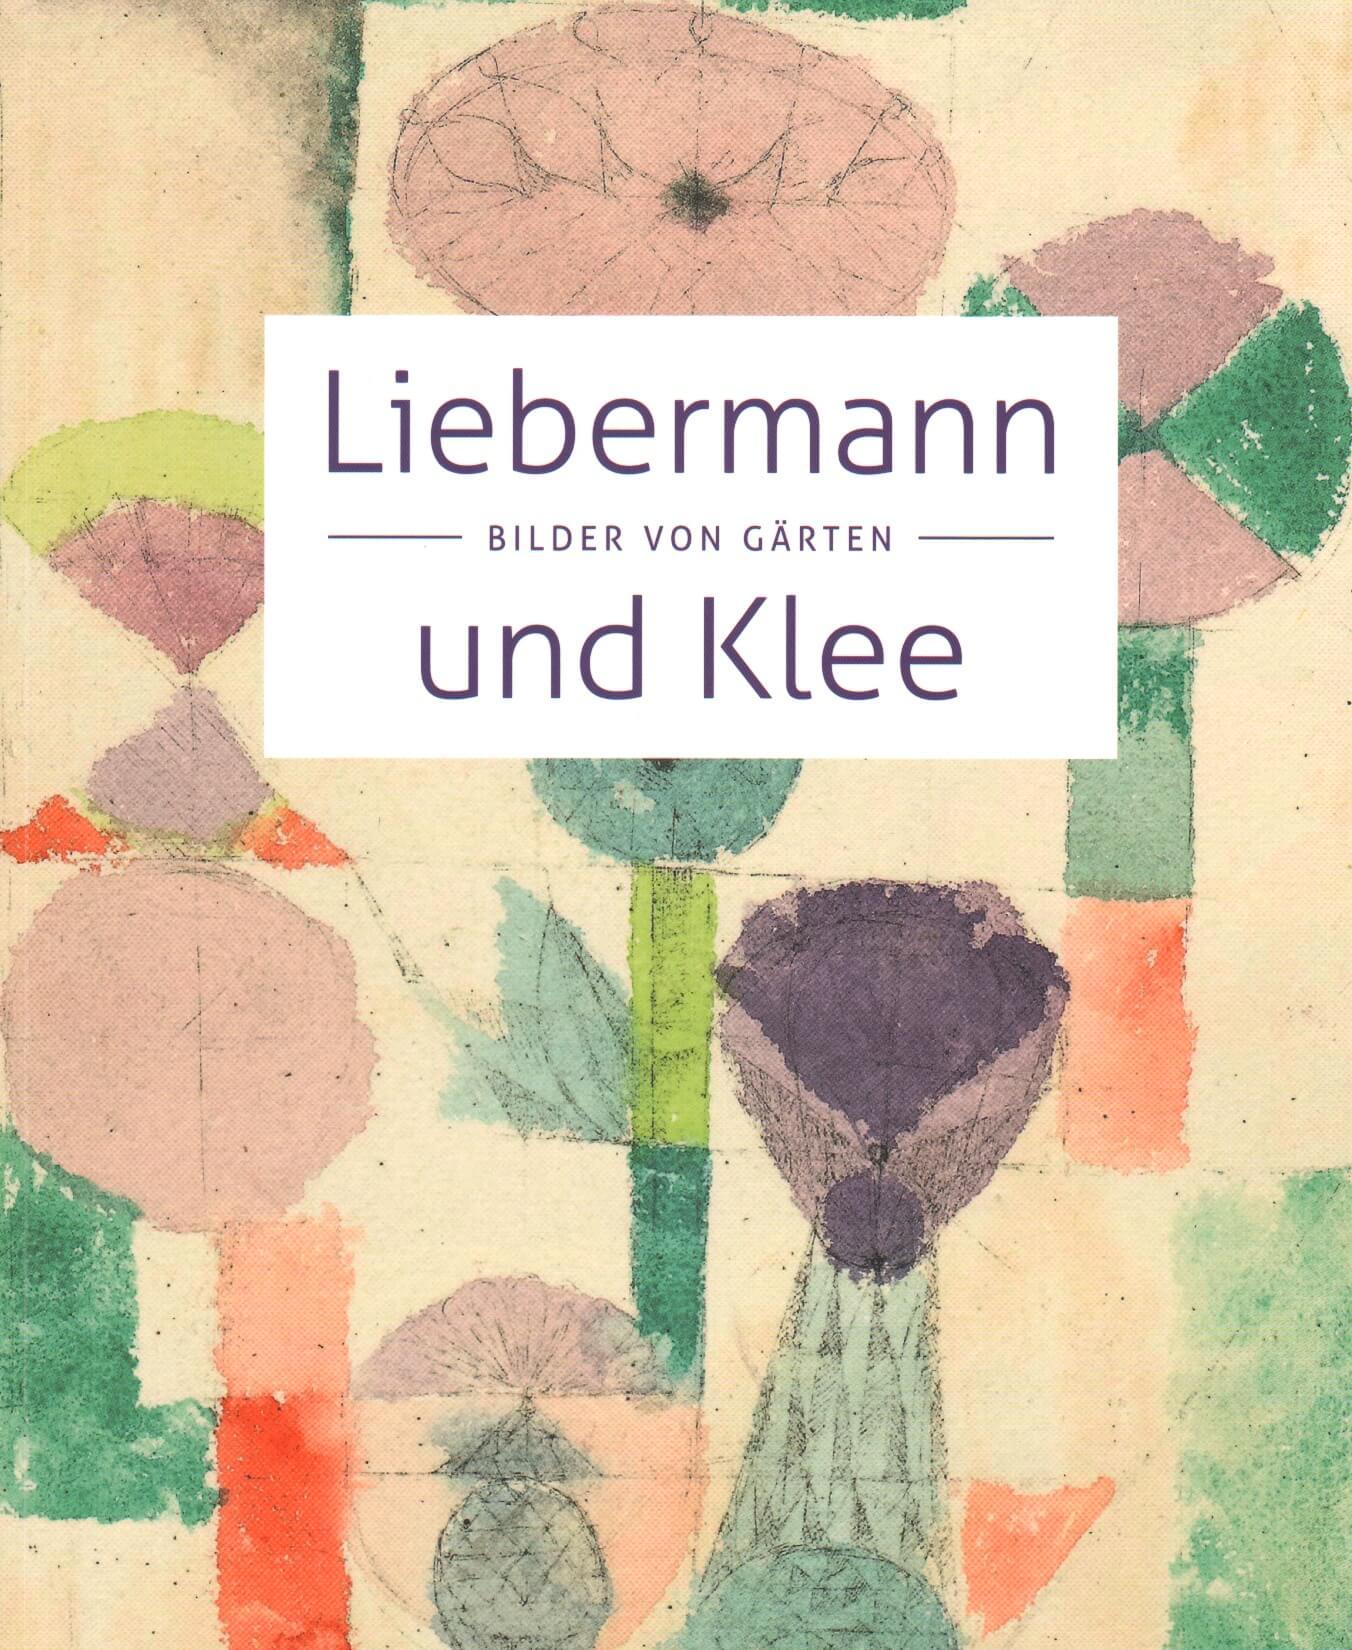 Die Ausstellung »Liebermann und Klee – Bilder von Gärten« in der Liebermann-Villa am Wannsee in Berlin